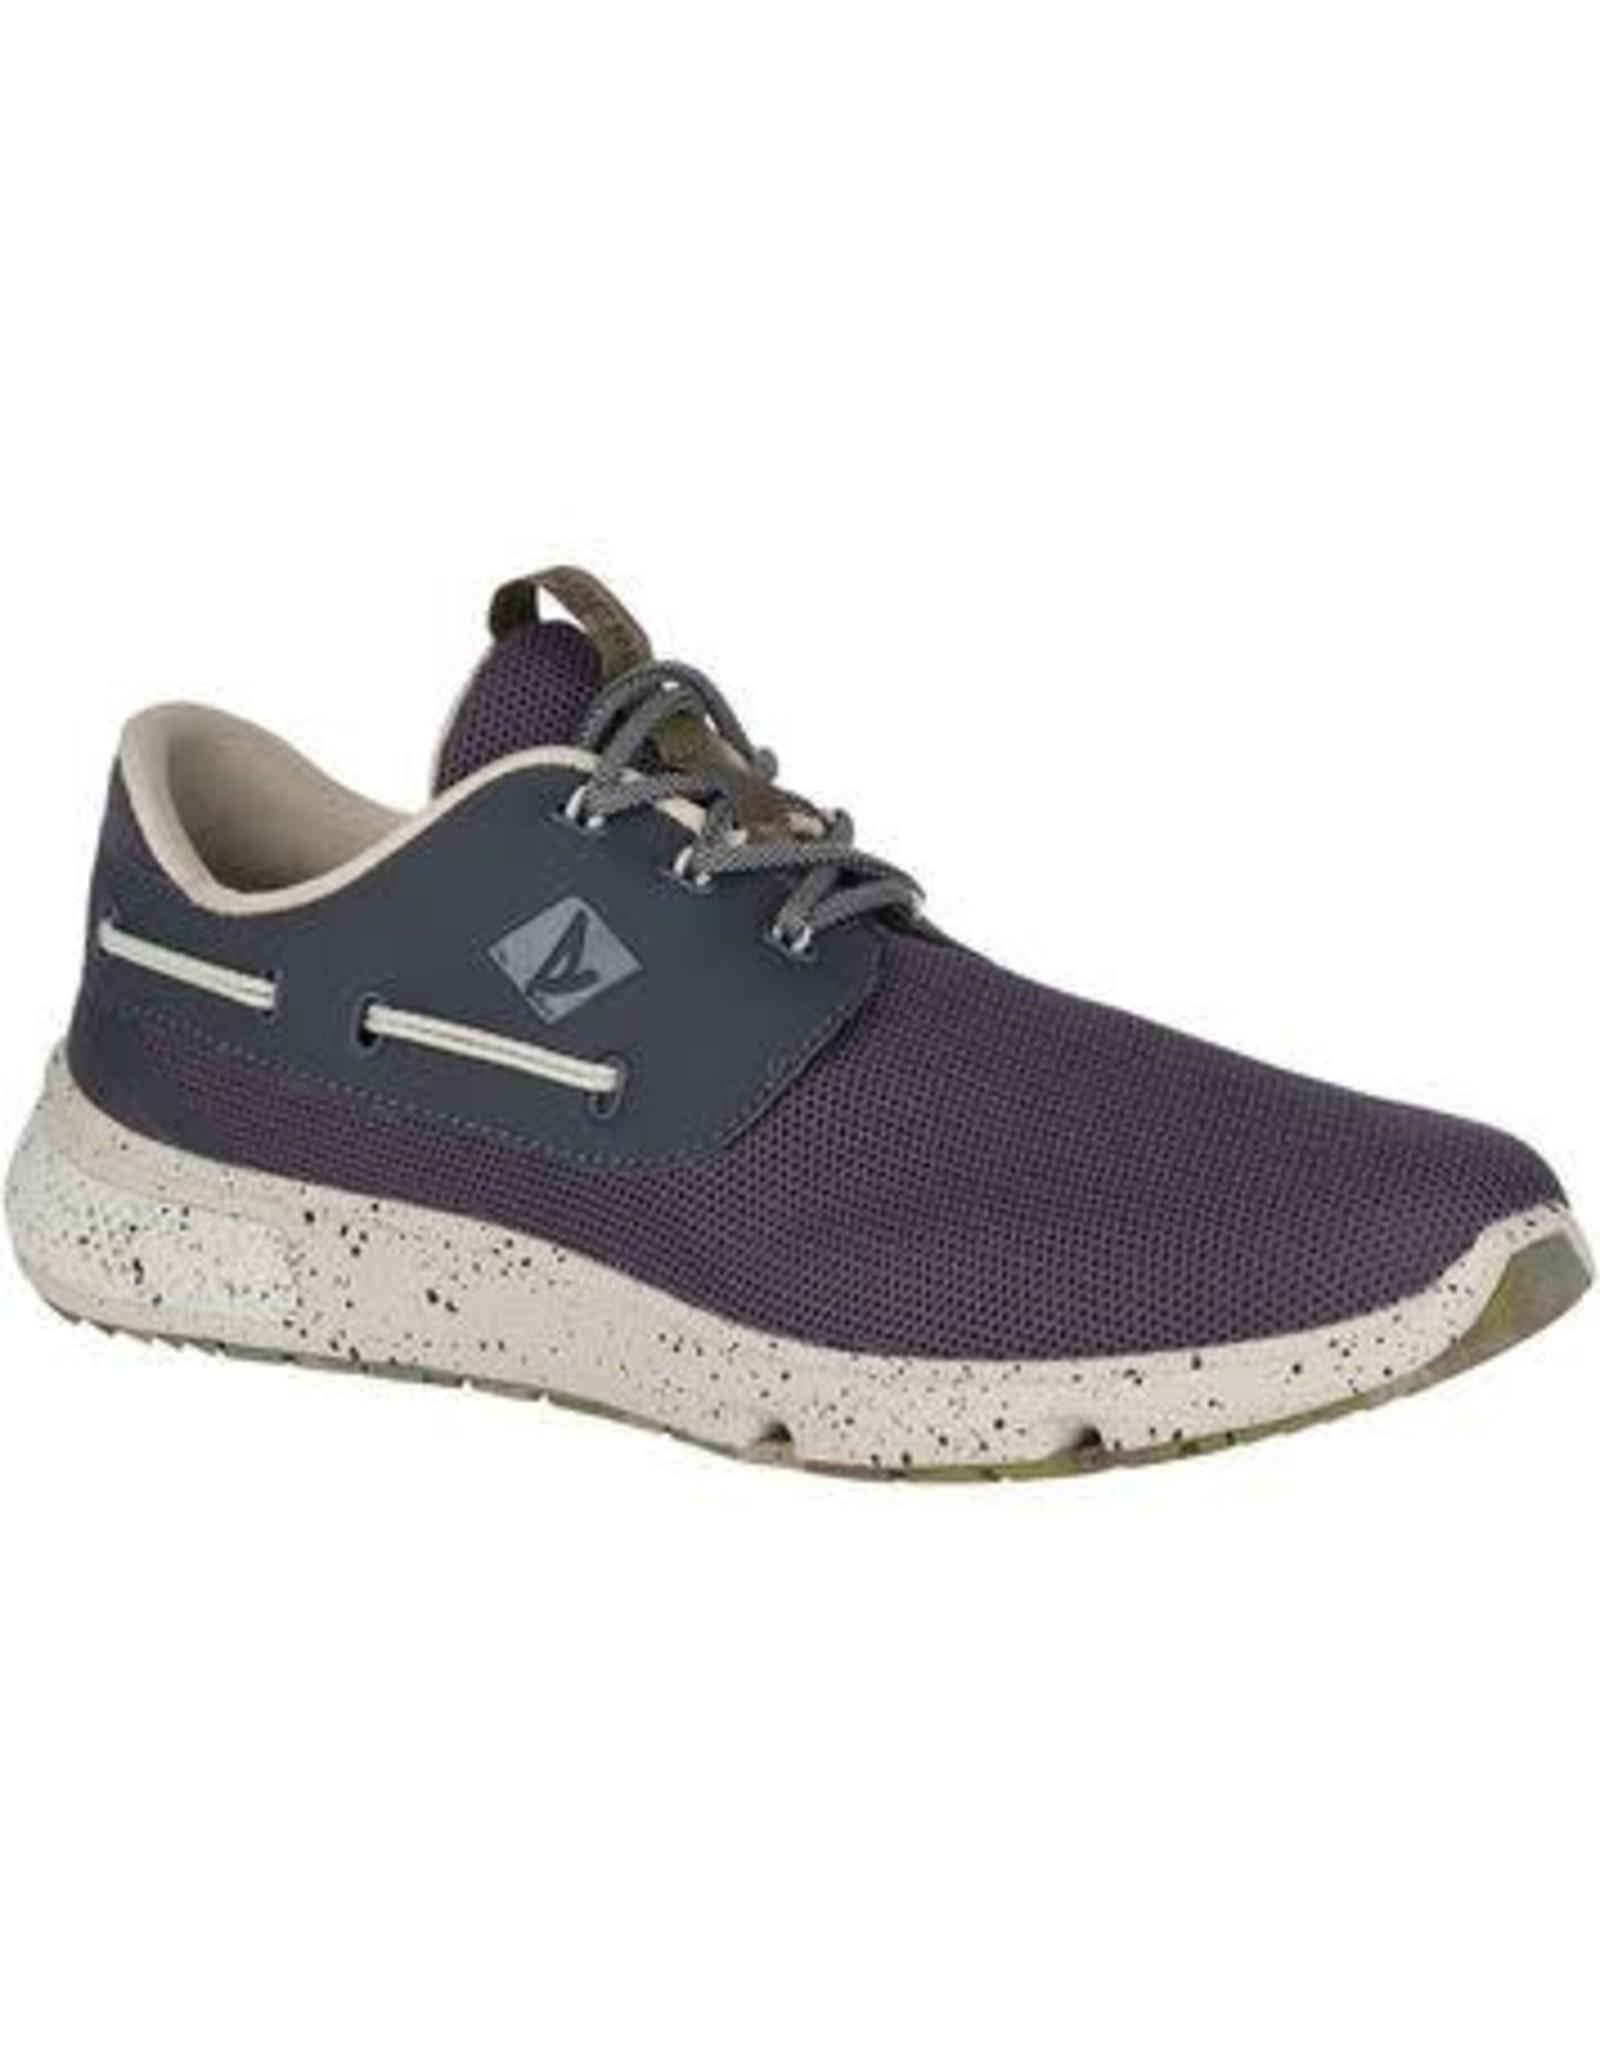 Sperry 7 Seas 3-Eye Sneaker